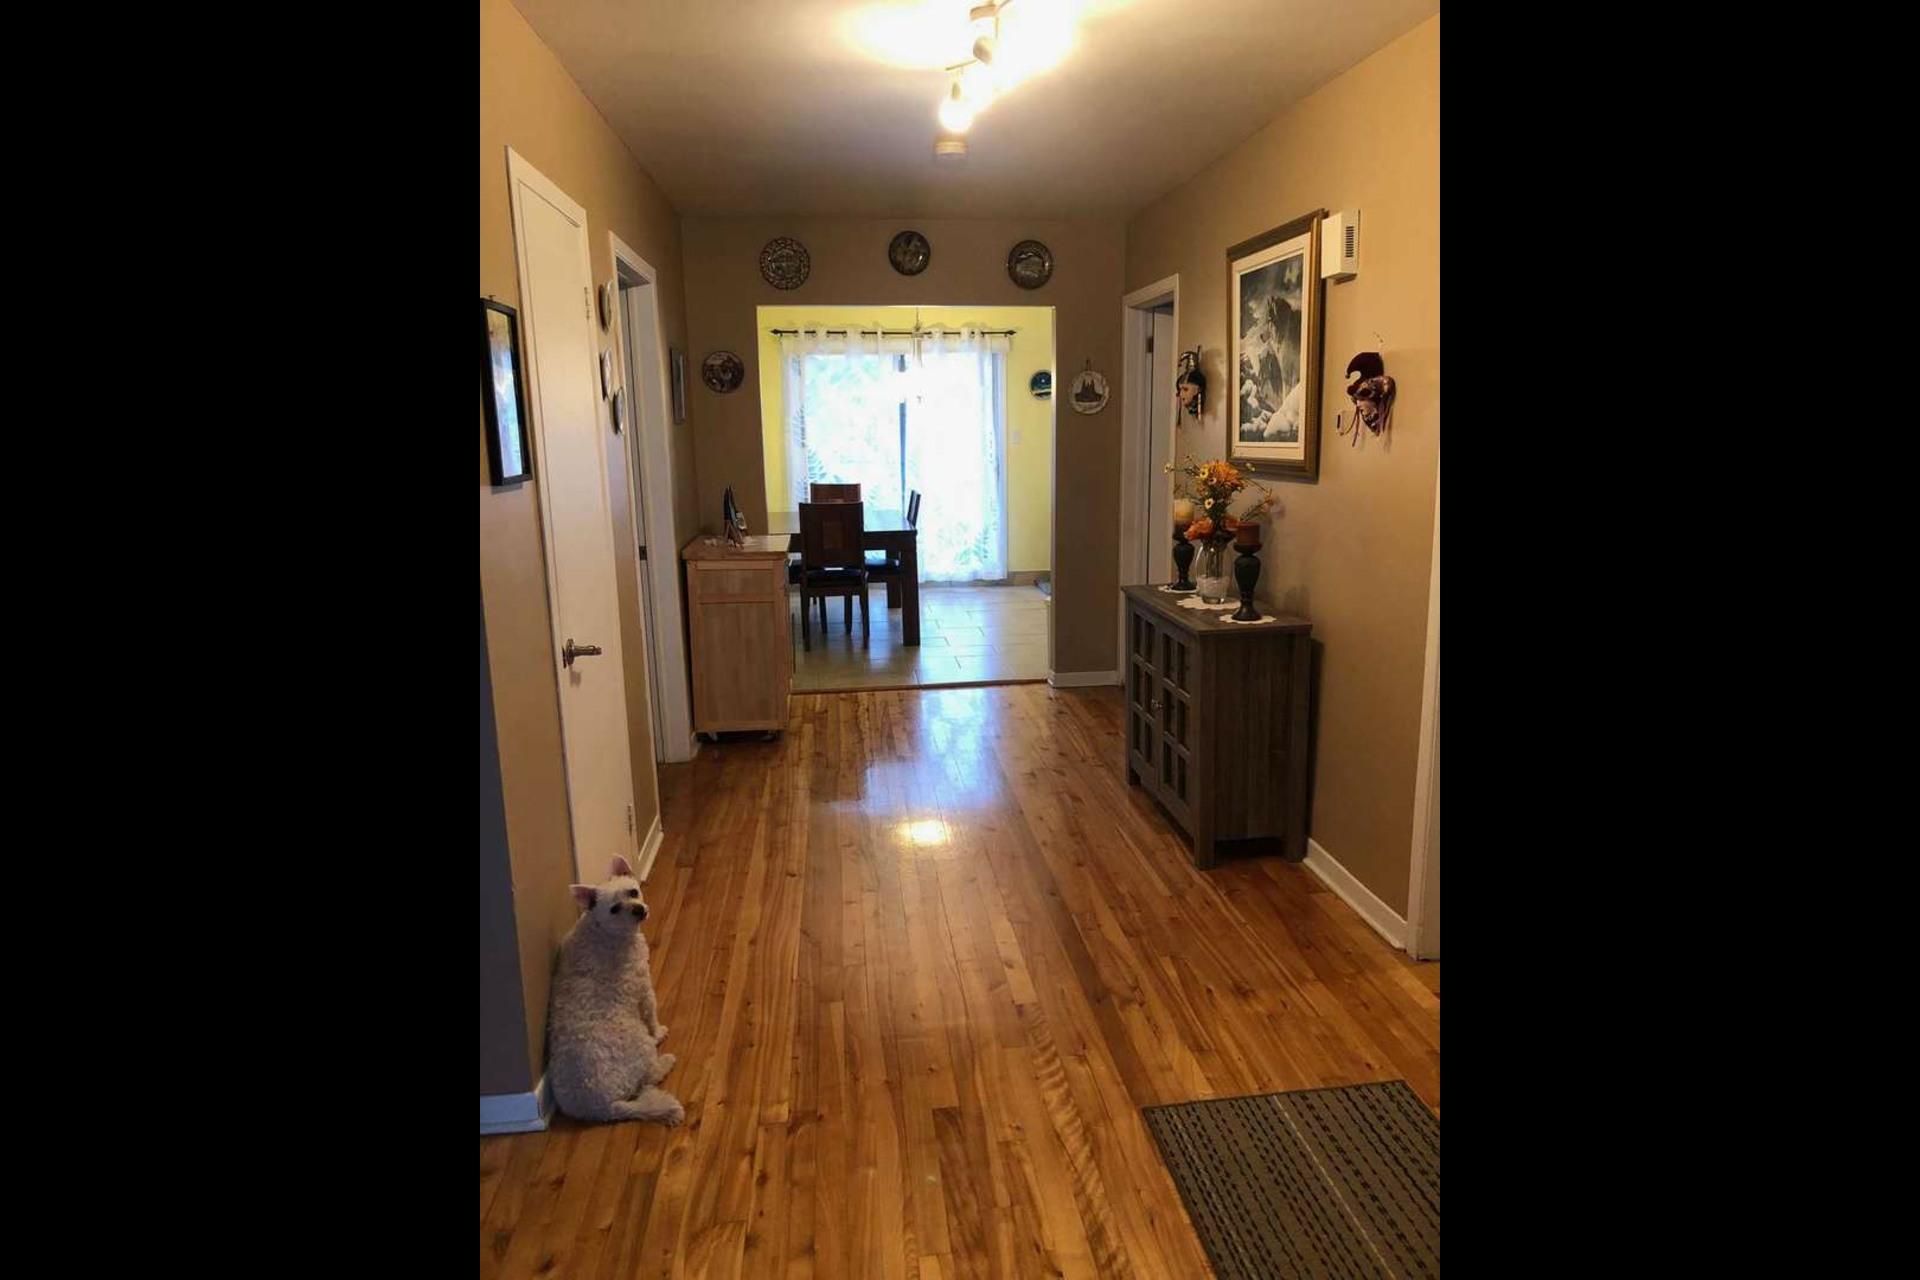 image 9 - Appartement À louer Montréal Saint-Leonard - 5 pièces